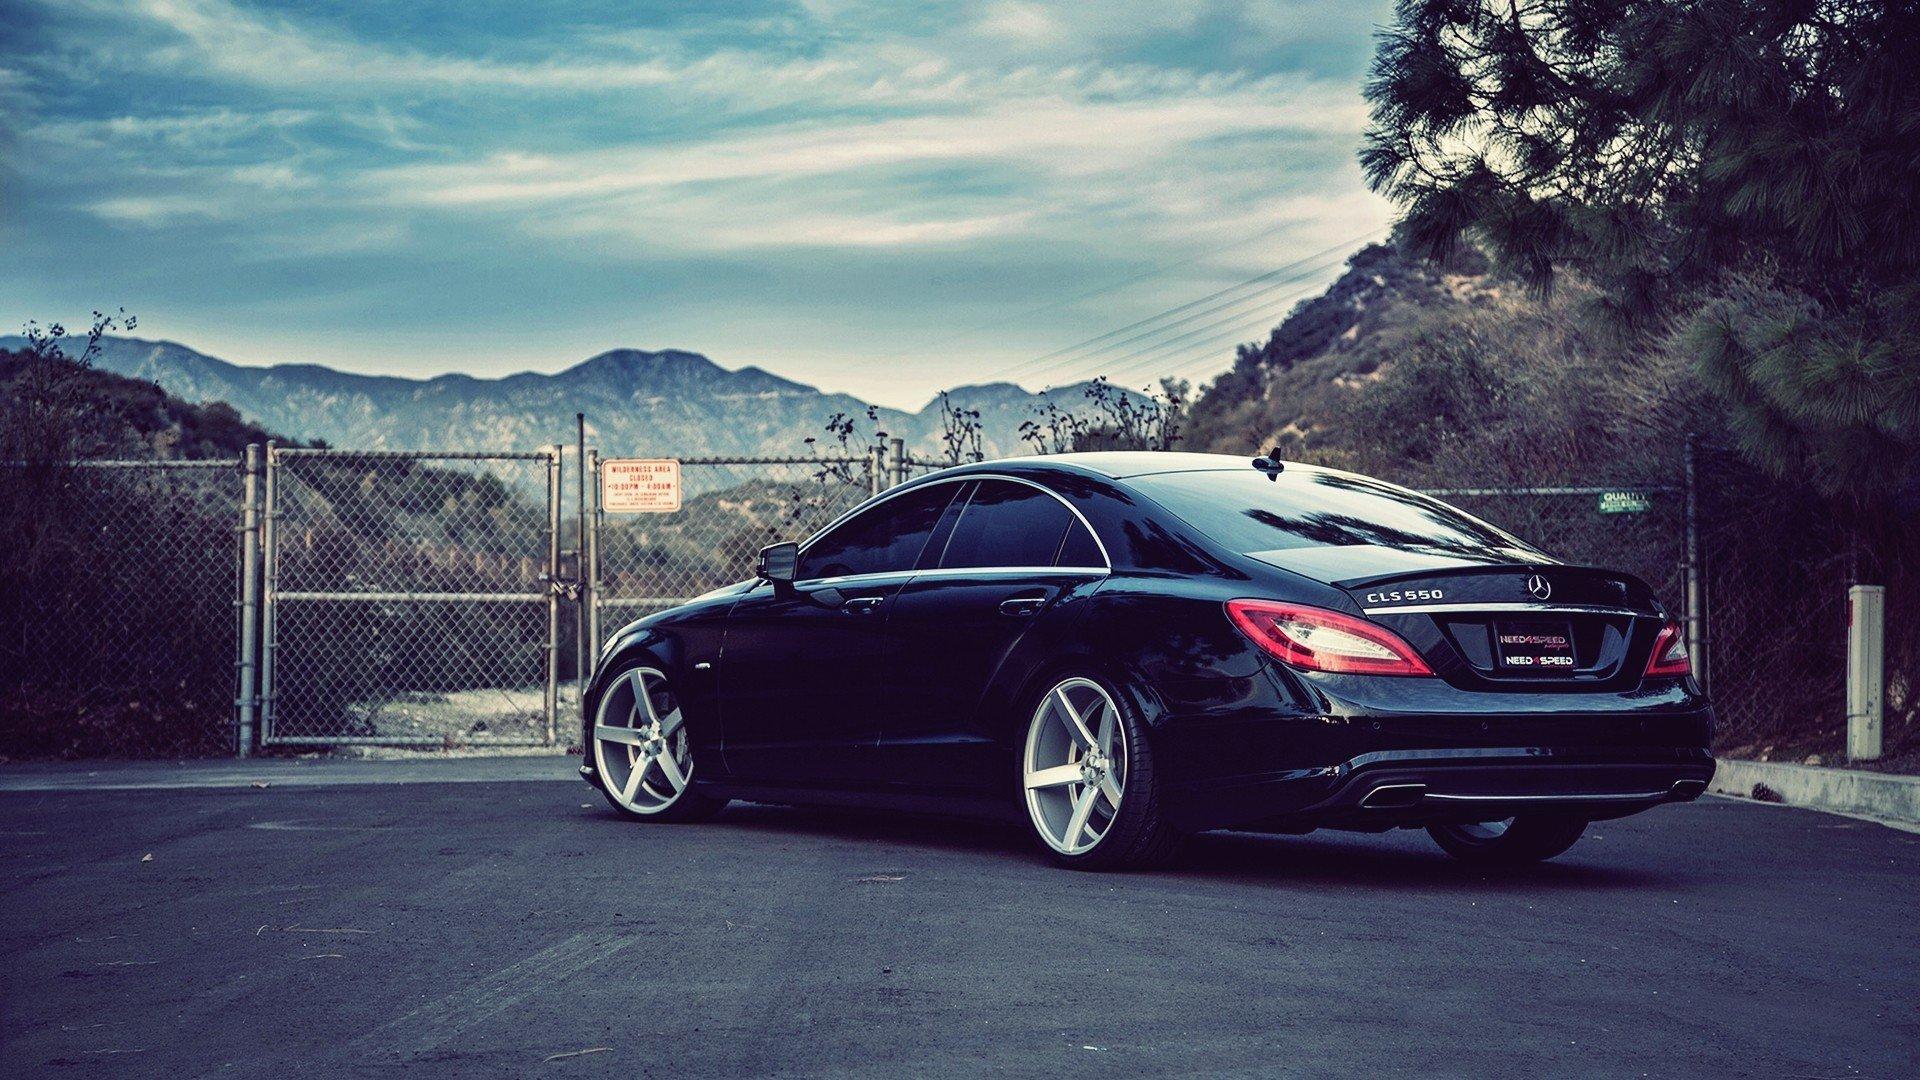 Mercedes Cls Wallpaper Wallpapersafari